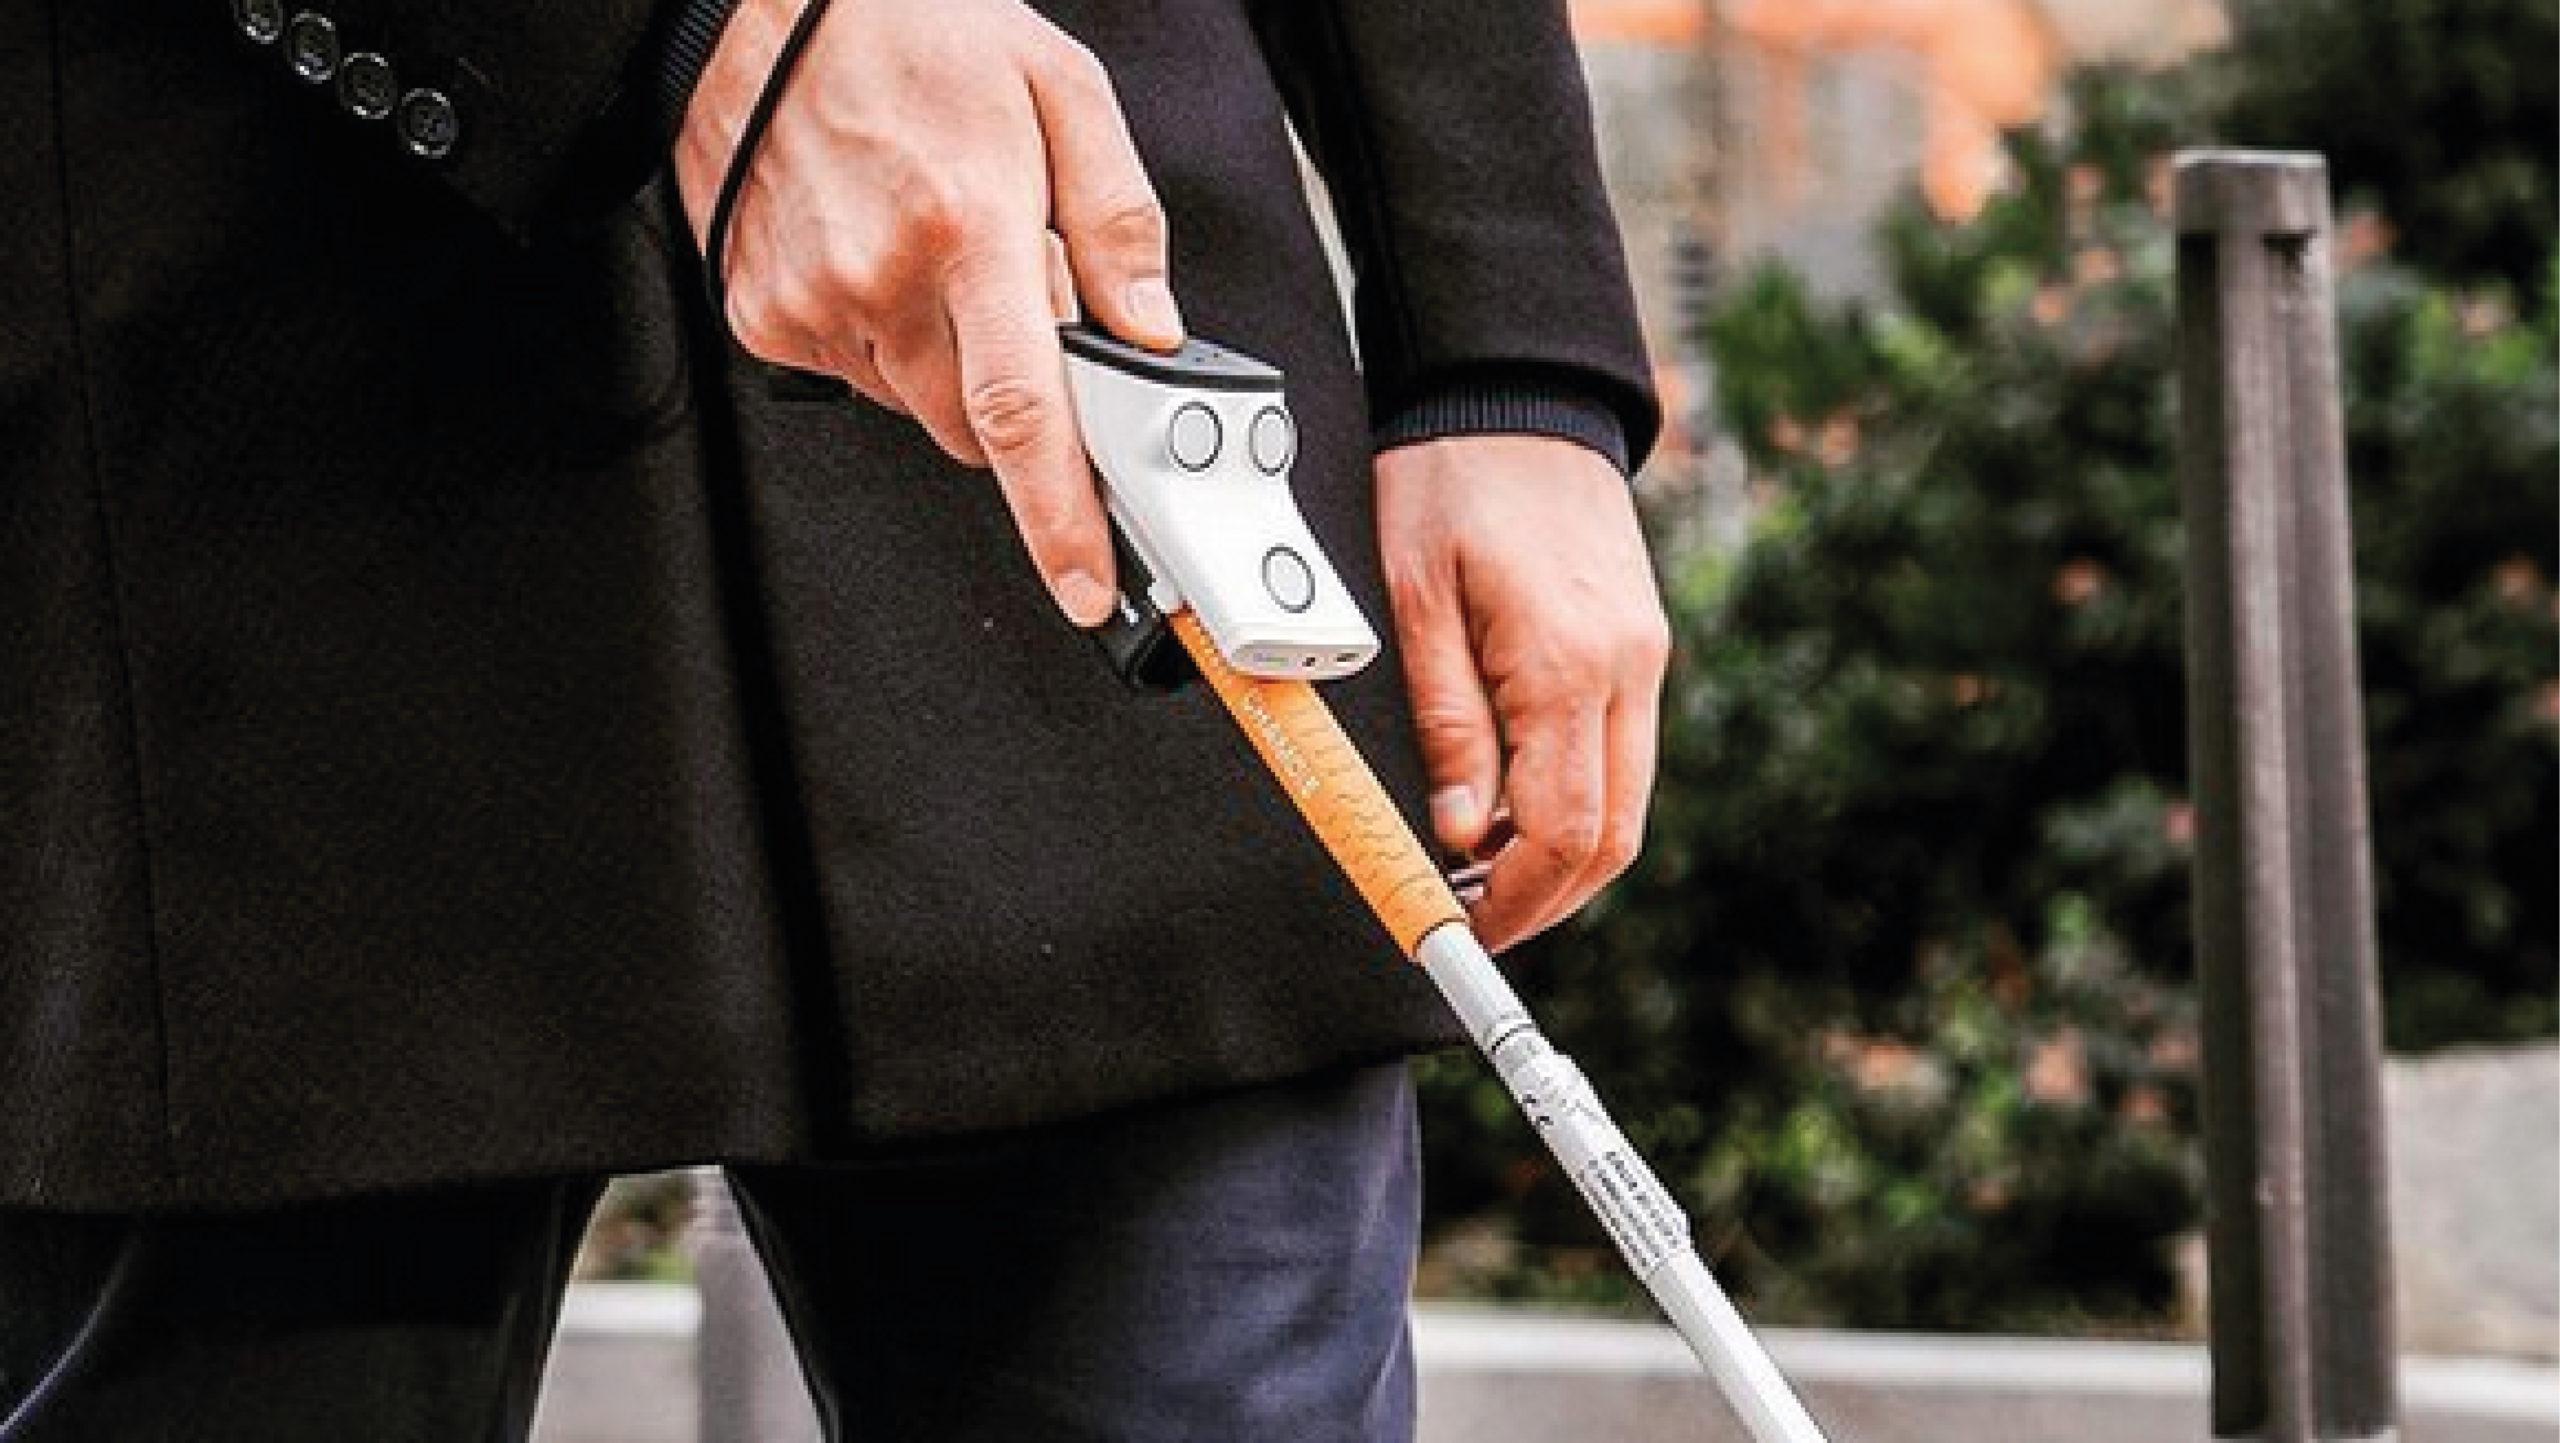 Este gadget ayuda a personas con discapacidad visual a cruzar la calle y evitar accidentes